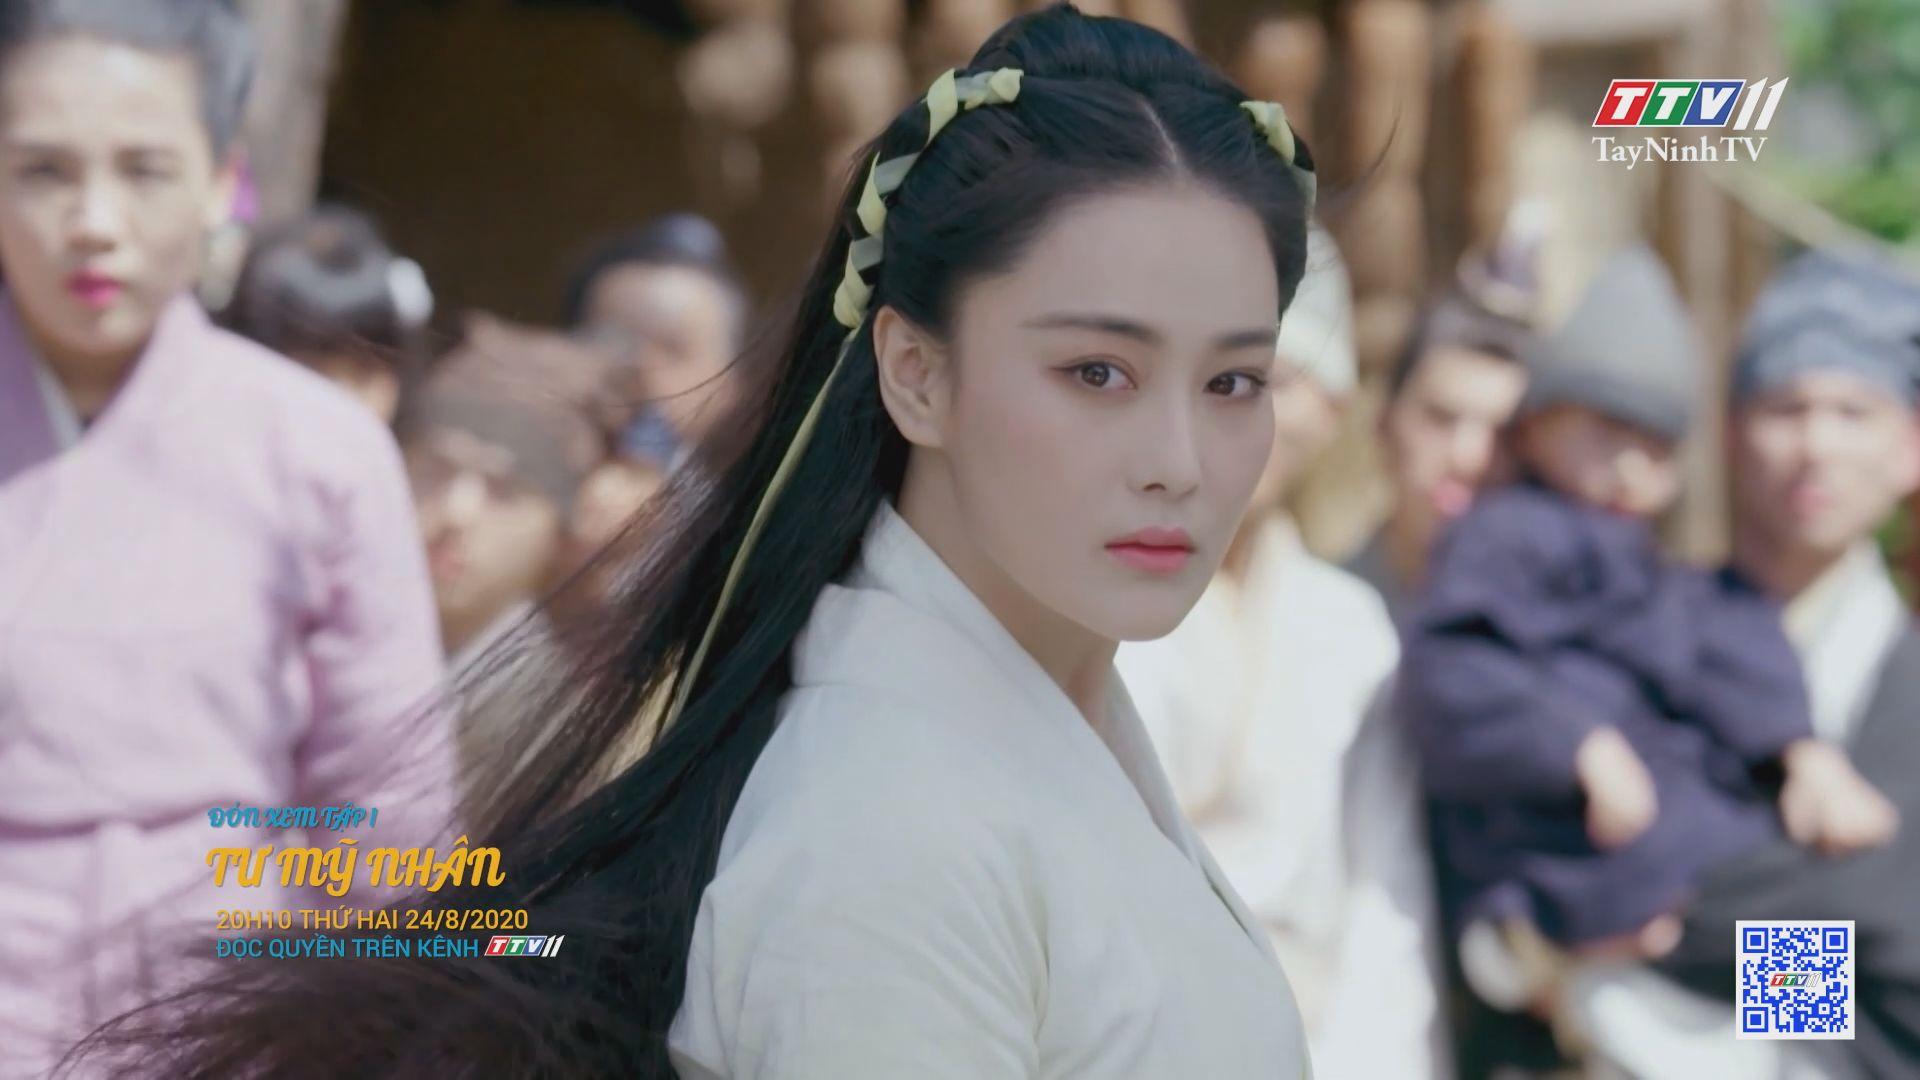 Tư mỹ nhân- TẬP 1 trailer   PHIM TƯ MỸ NHÂN   TayNinhTV